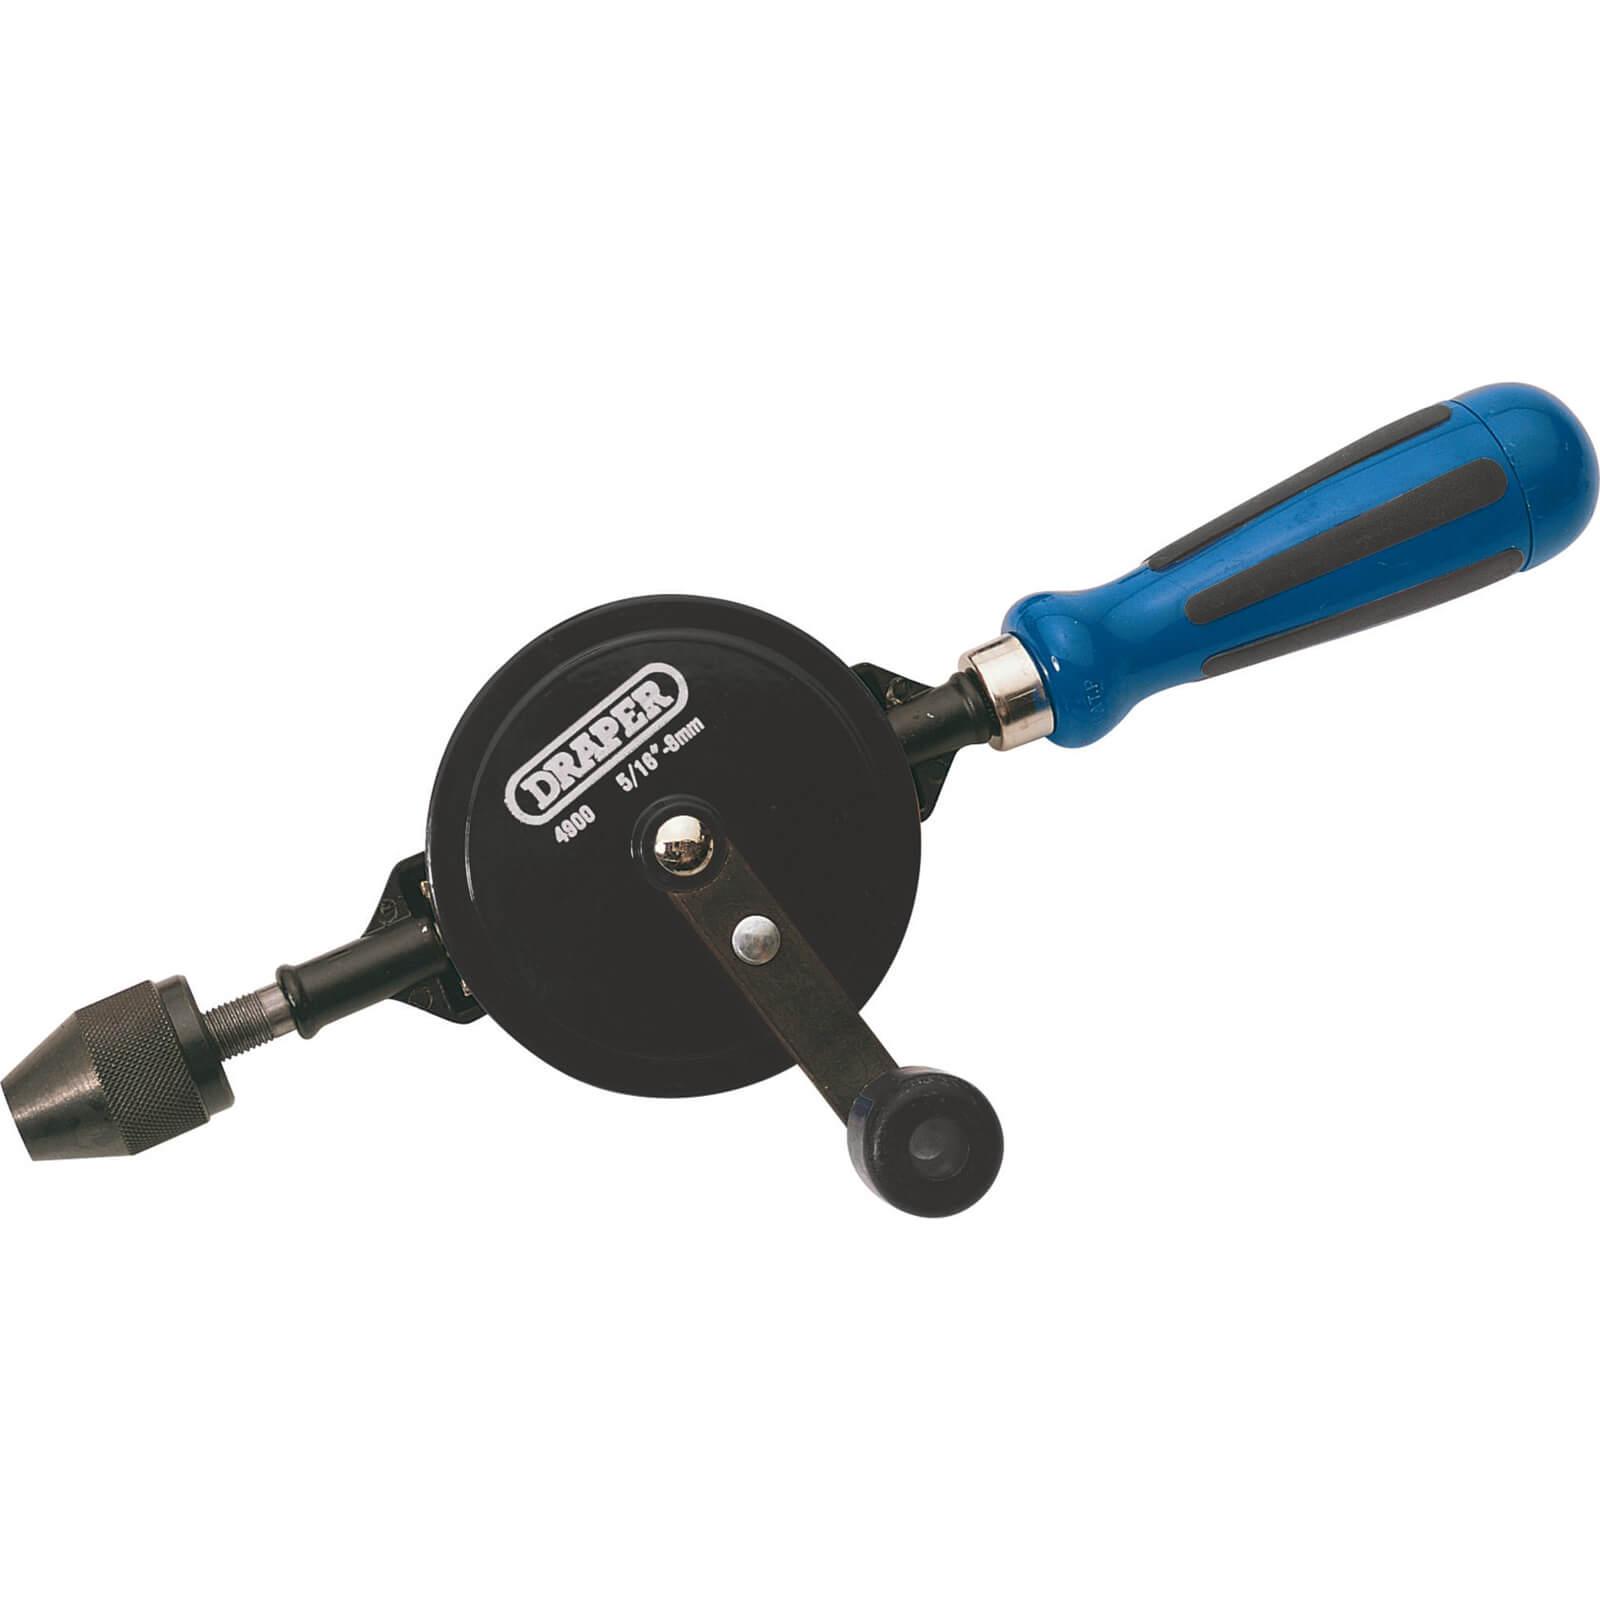 Draper Double Pinion Hand Drill